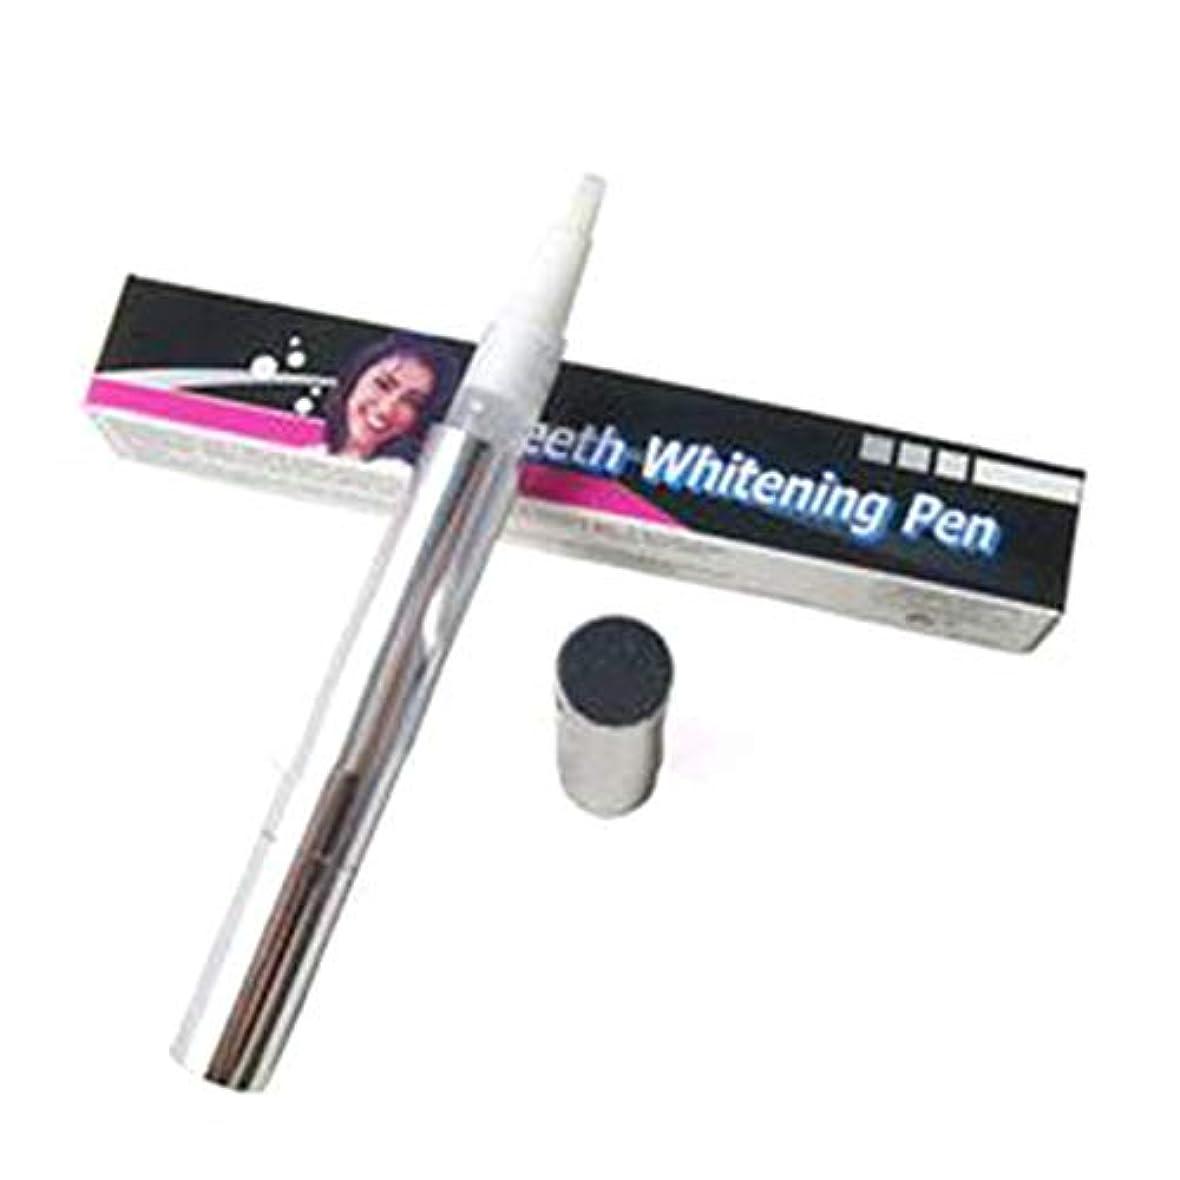 意気揚々鳴らす若者ペンホワイトニングペン強力な汚れ消しゴム除去速い漂白歯ジェルホワイトナー歯科口腔衛生用品 - シルバー